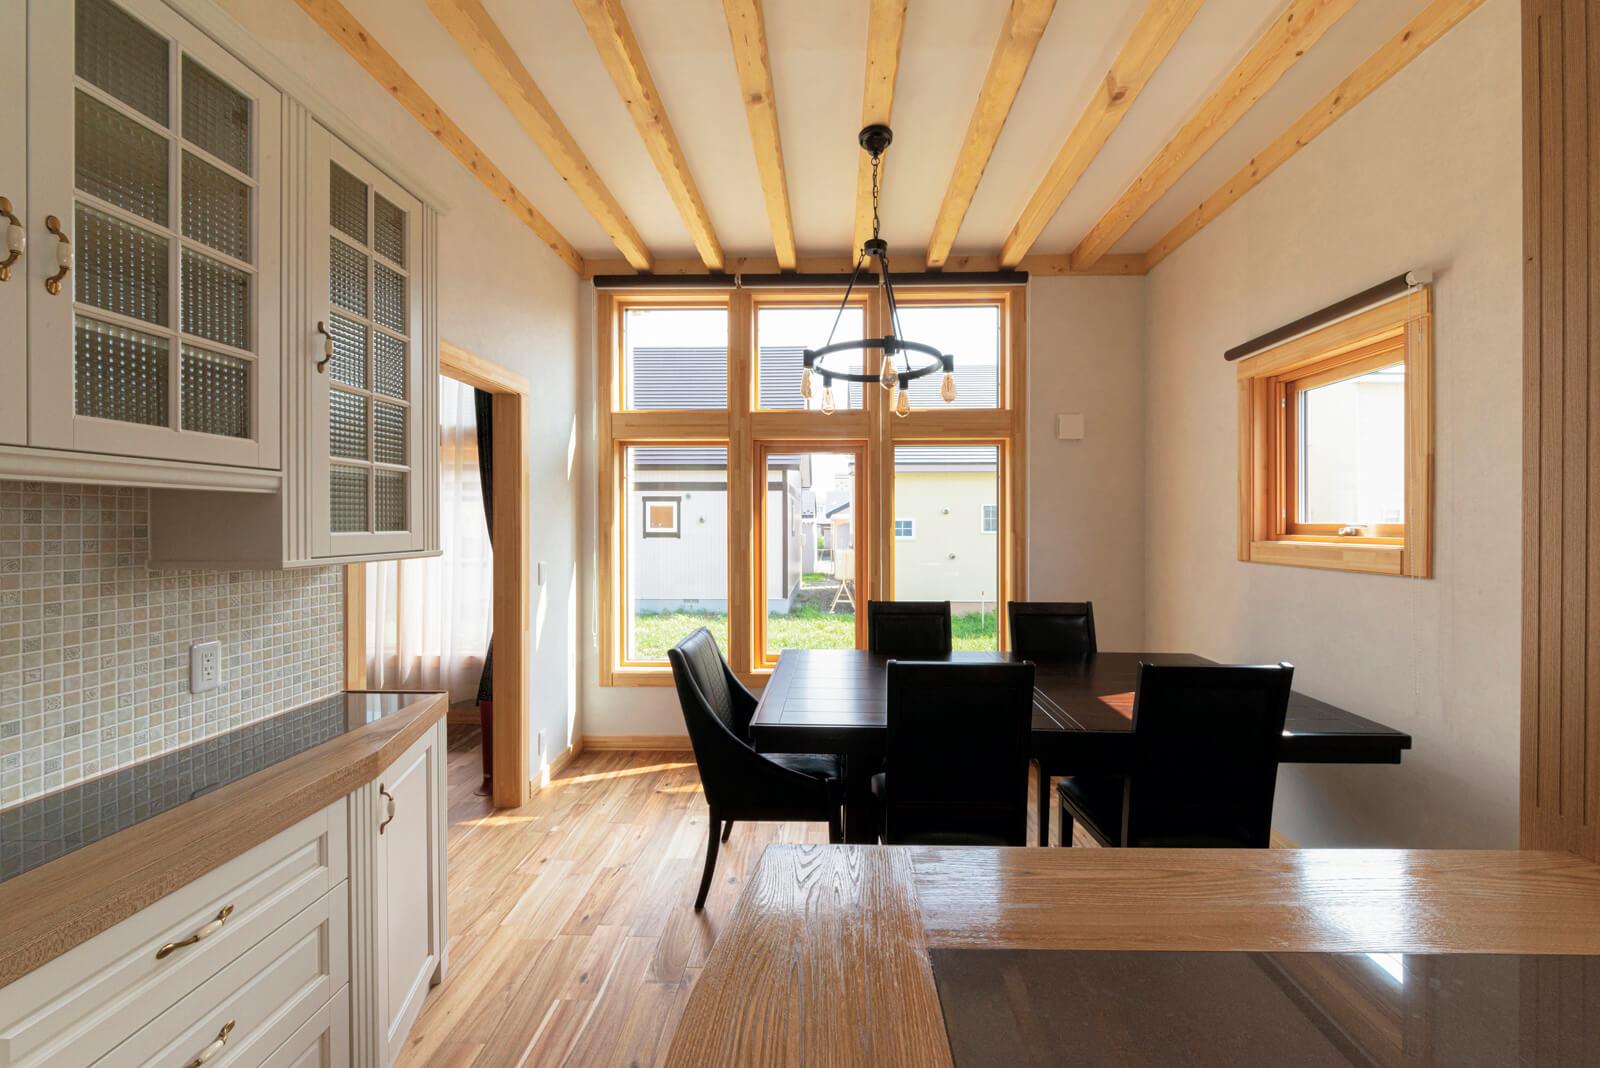 アメリカのクラシックな雰囲気が漂うダイニング・キッチン。白と白木を基調にした空間を、アイアンの照明やダークな色合いのダイニングセットが引き締める